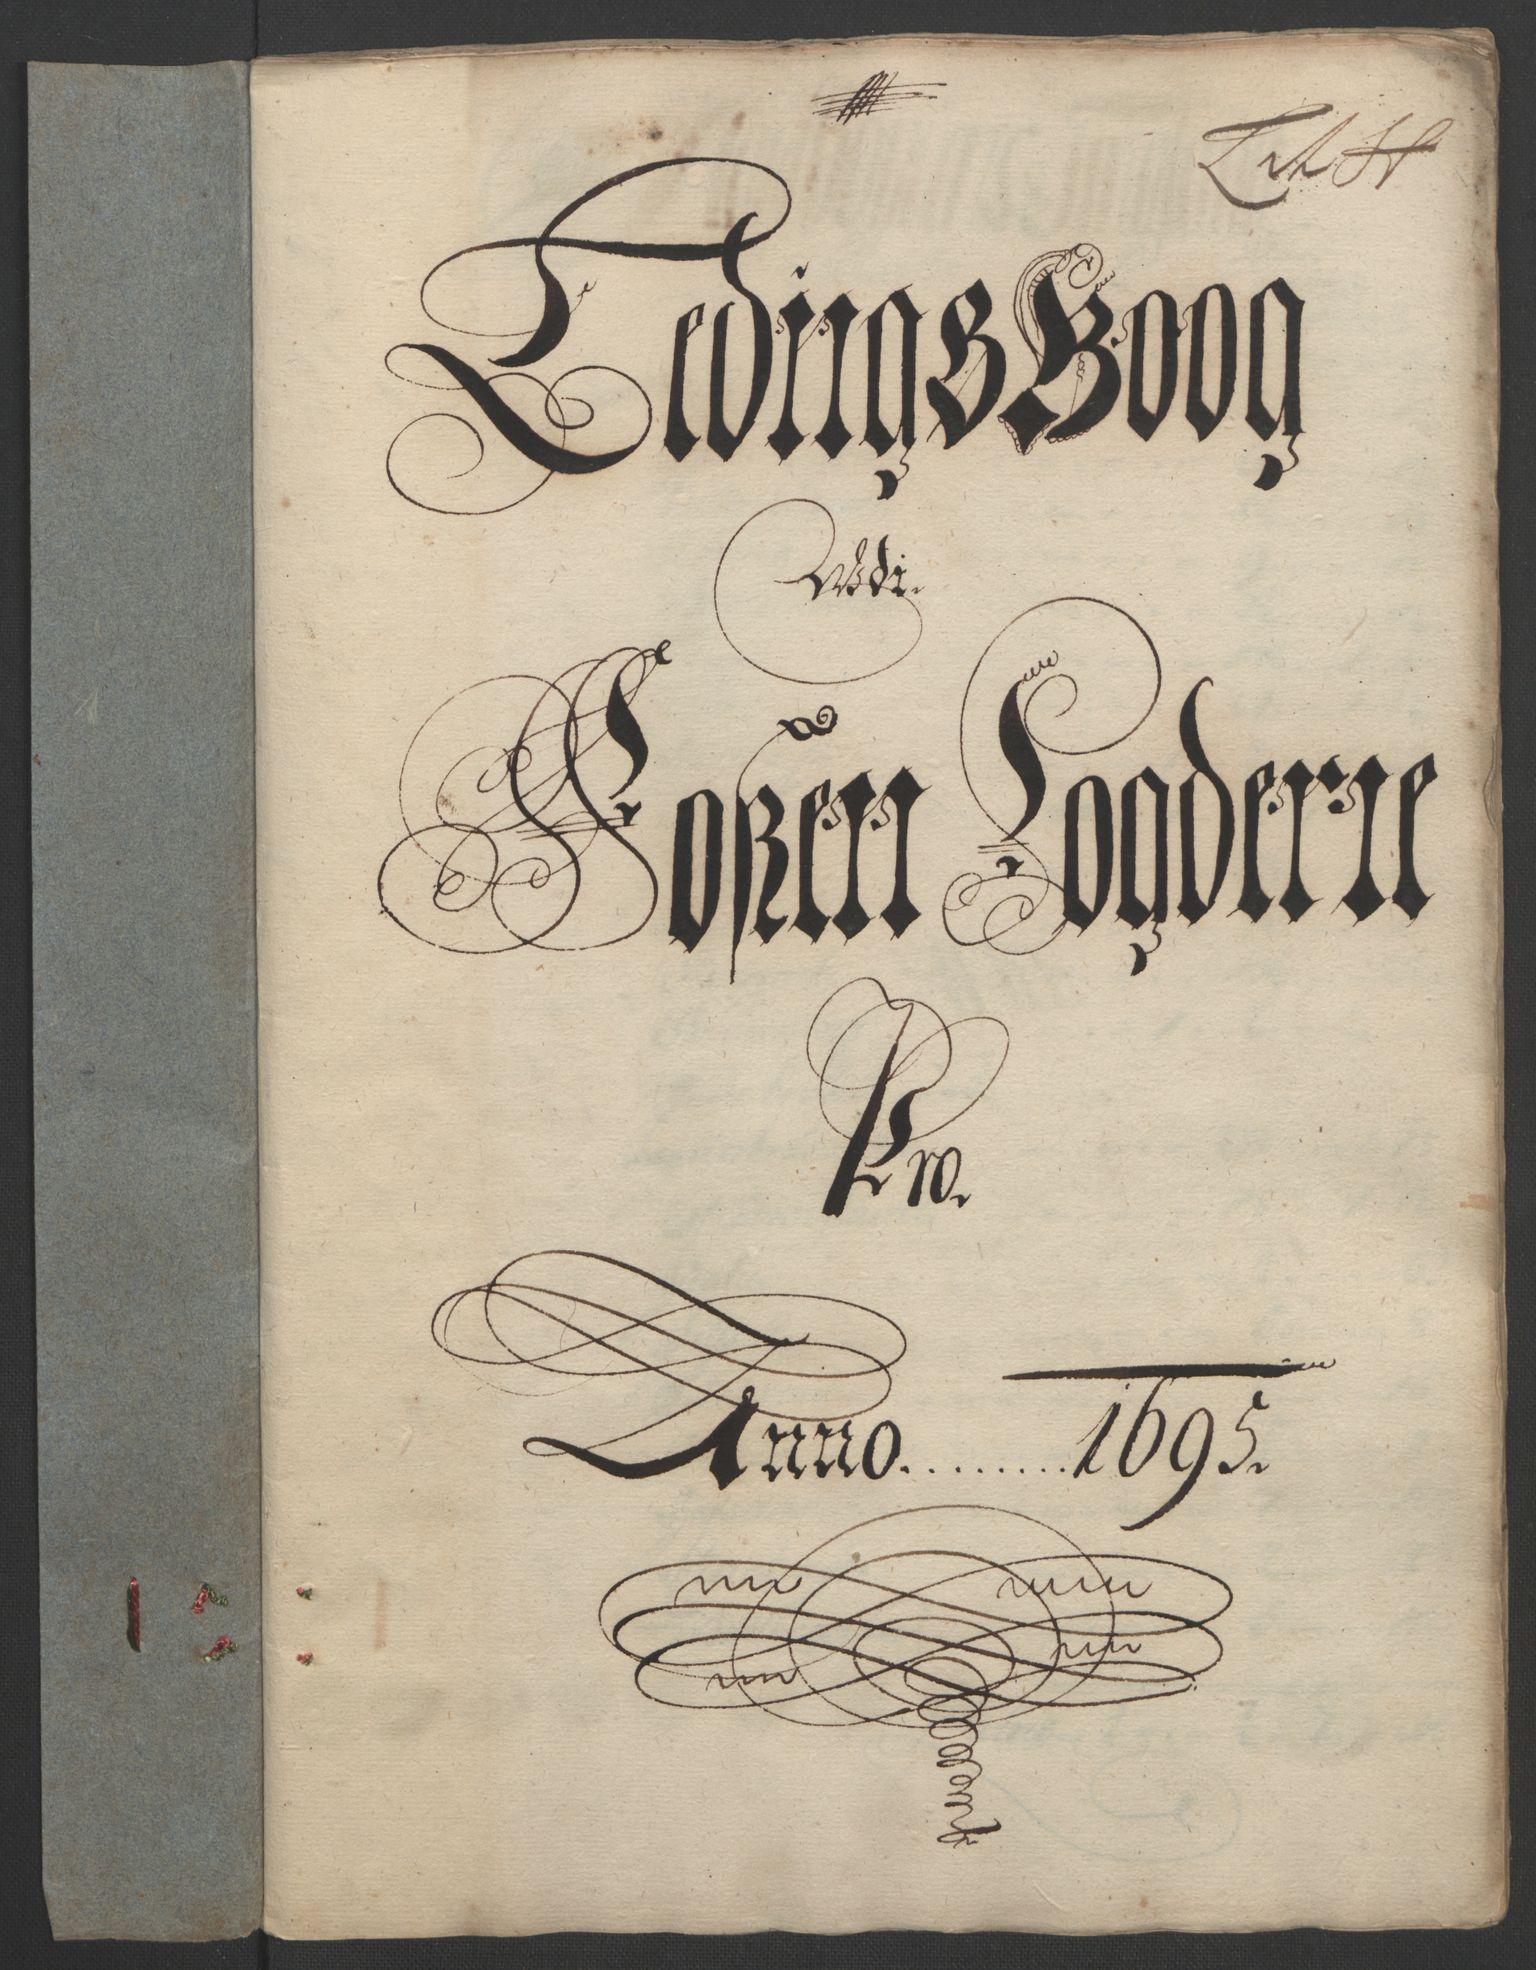 RA, Rentekammeret inntil 1814, Reviderte regnskaper, Fogderegnskap, R57/L3851: Fogderegnskap Fosen, 1695-1696, s. 125